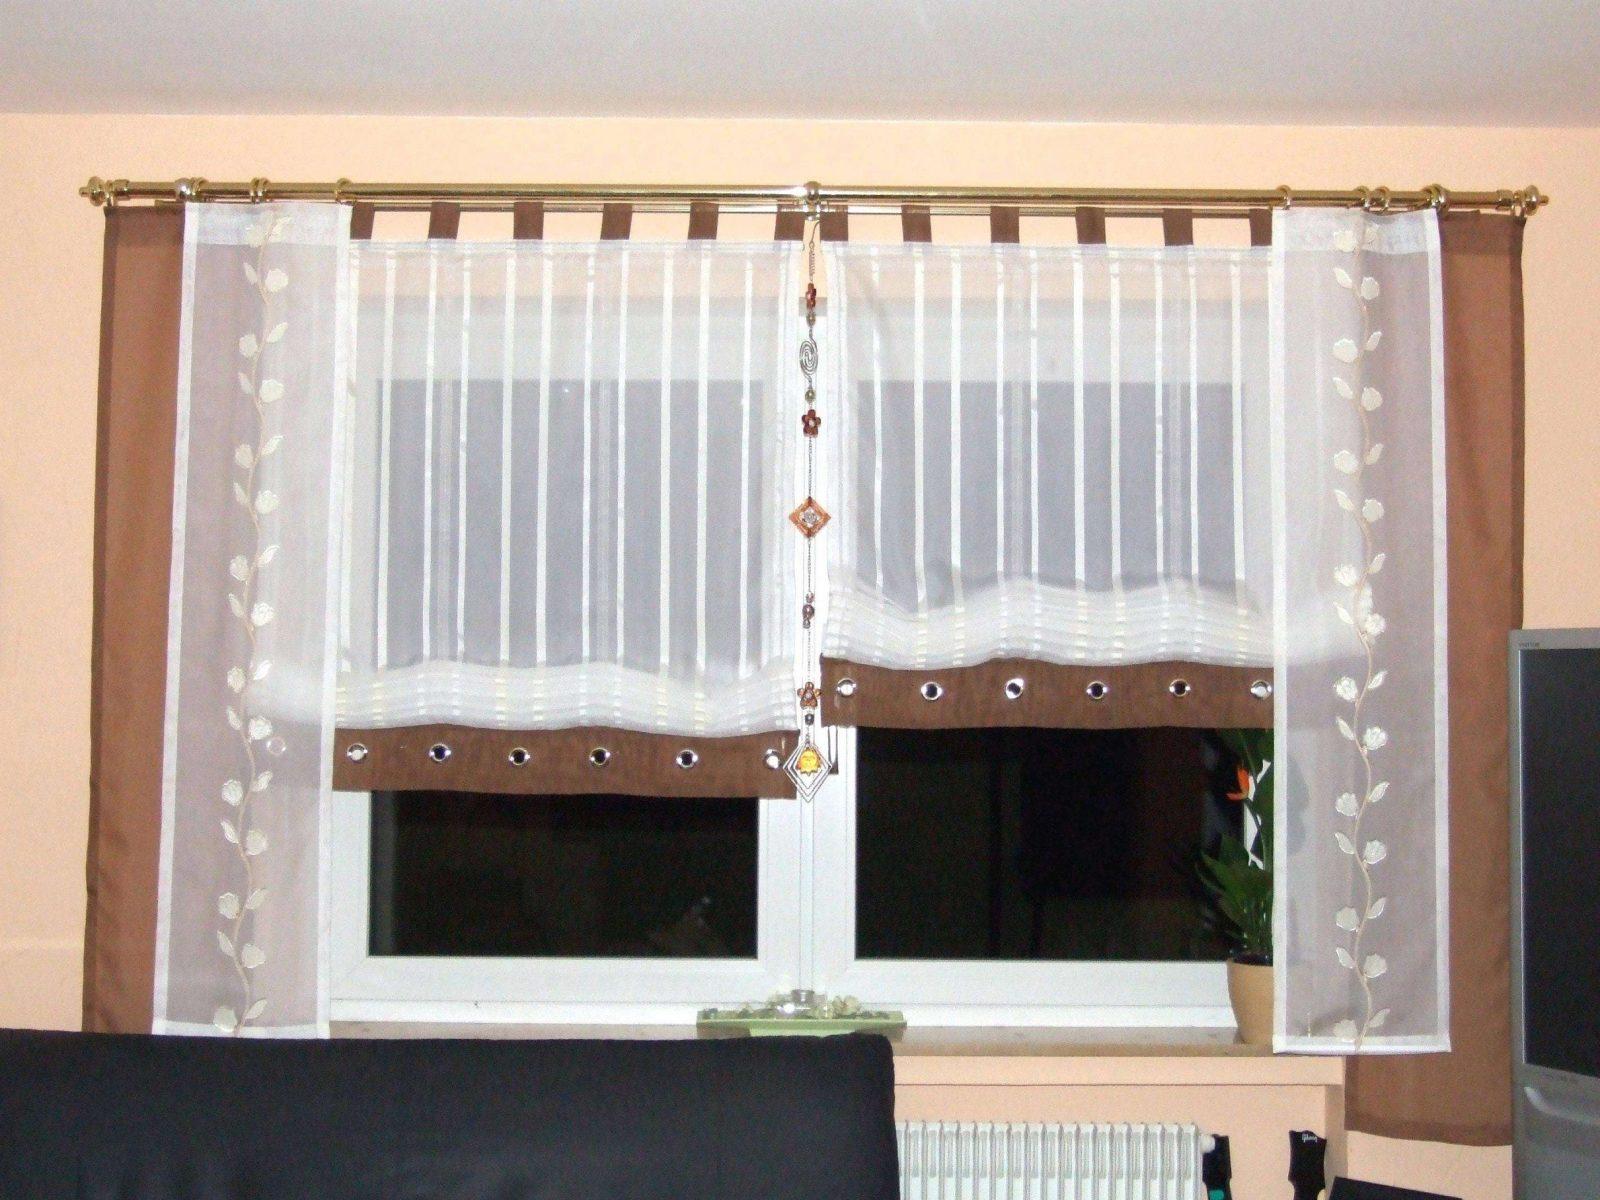 Vorhang Ideen Grosse Fenster Nahen Dachschrage Mit Kurze Kurzes